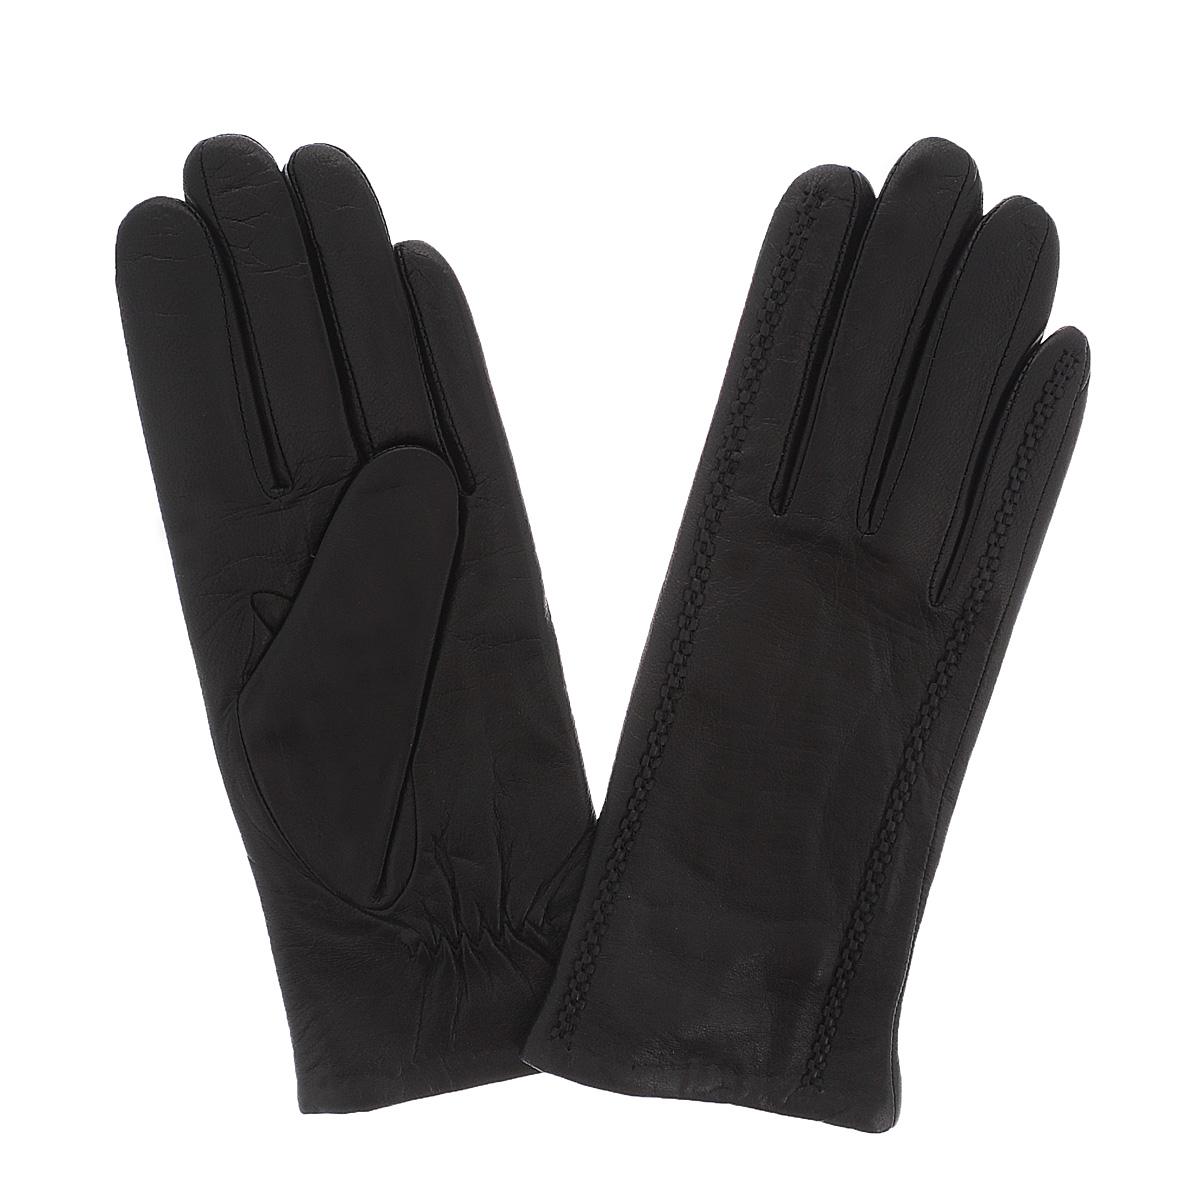 Перчатки женские Dali Exclusive, цвет: черный. 11_CAMBOLE/NEW. Размер 611_CAMBOLE/NEWСтильные перчатки Dali Exclusive с подкладкой из шерсти выполнены из мягкой и приятной на ощупь натуральной кожи ягненка.С лицевой стороны перчатки оформлены декоративными швами. Такие перчатки подчеркнут ваш стиль и неповторимость.